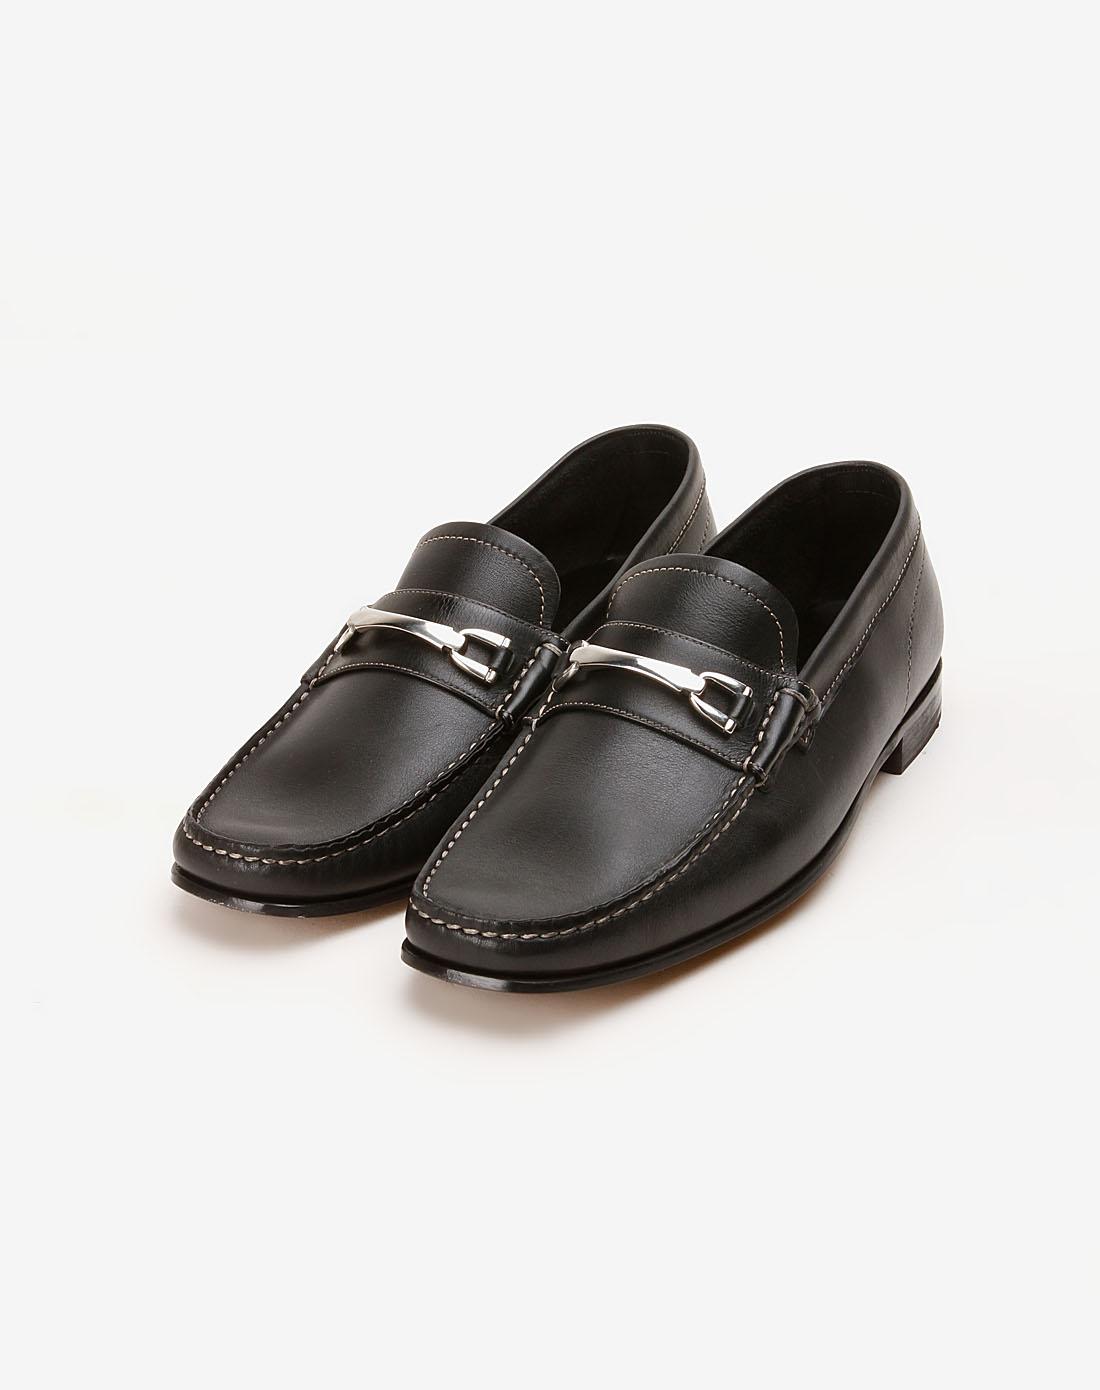 tens名鞋专场男款黑色商务皮鞋b1ash102001